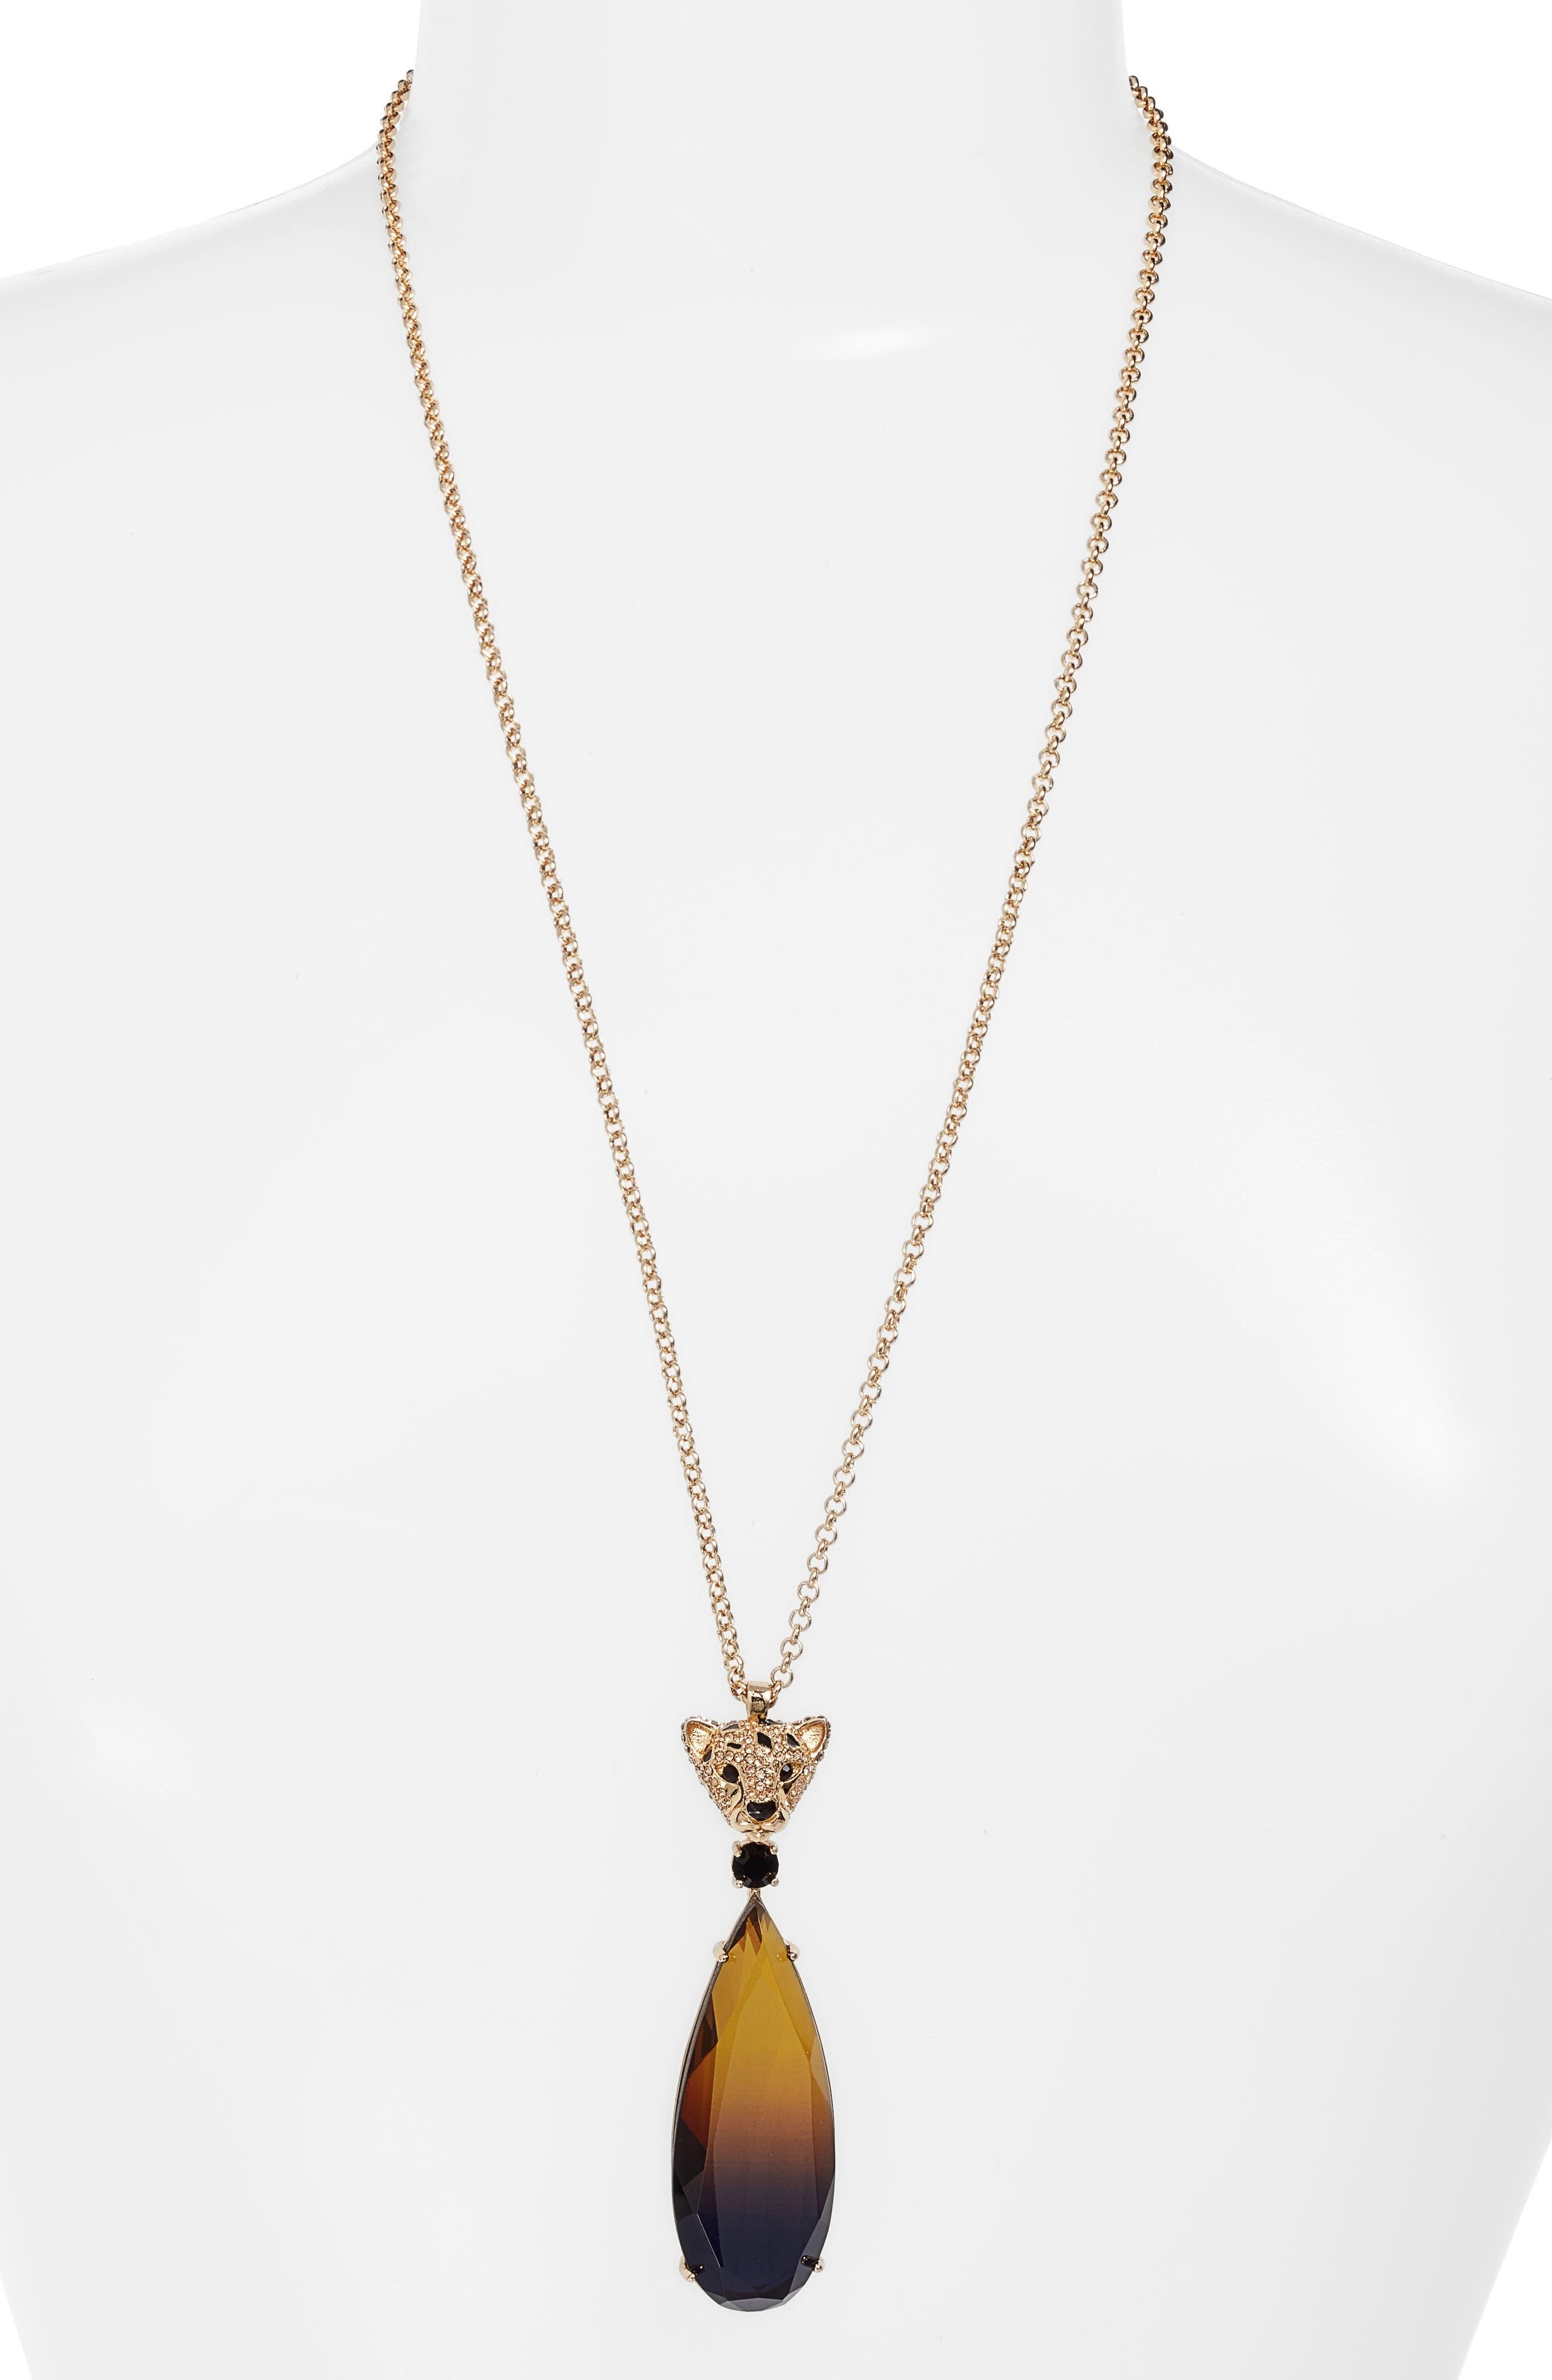 run wild cheetah stone pendant necklace,                         Main,                         color, Multi